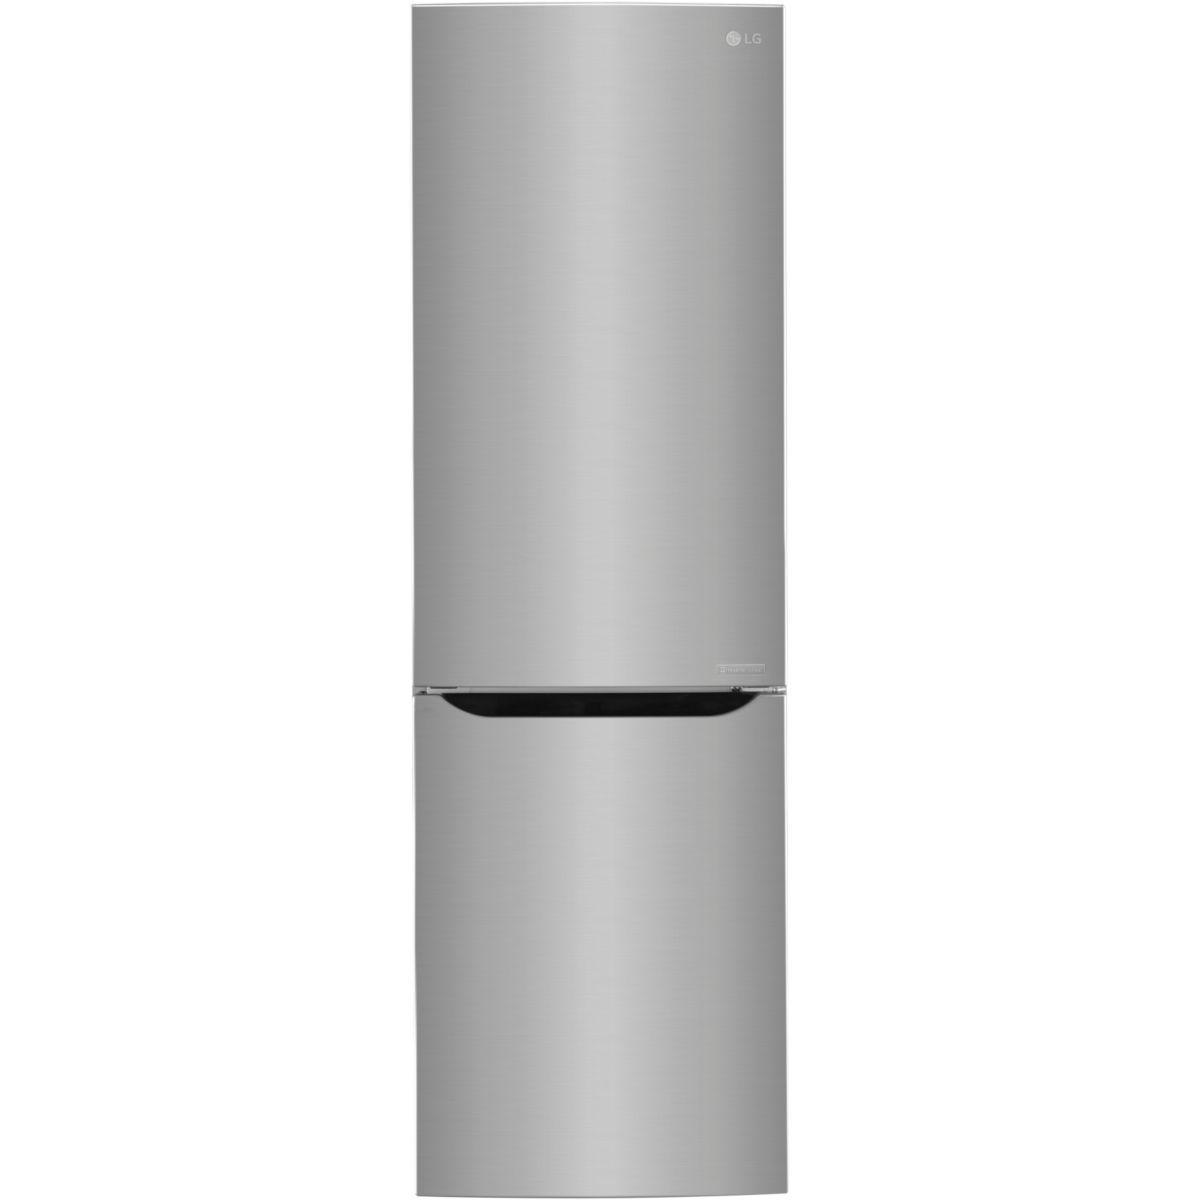 Réfrigérateur congélateur en bas lg gb6101sps - 2% de remise : code gam2 (photo)